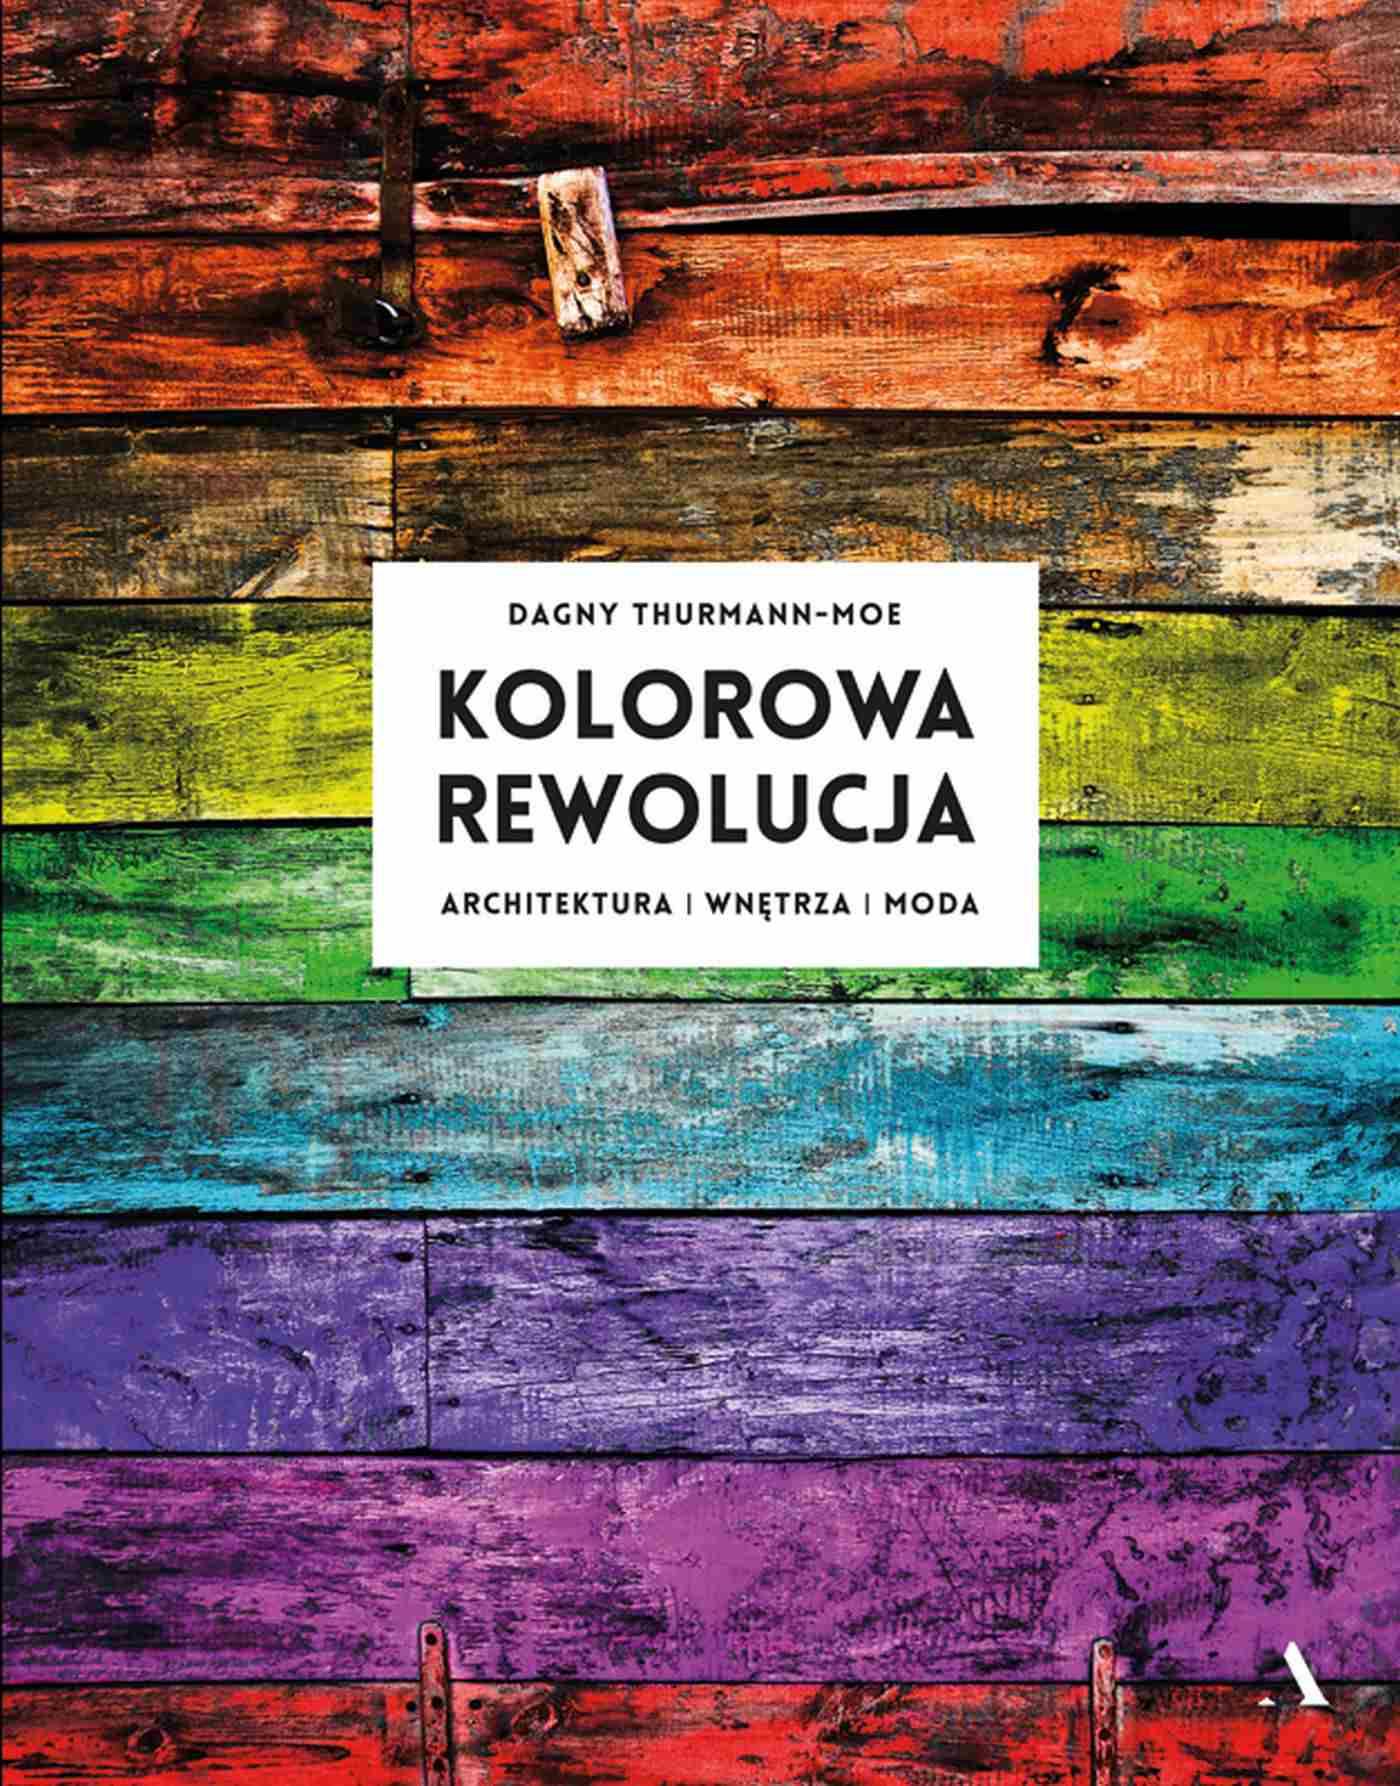 Kolorowa rewolucja. Architektura, wnętrza, moda - Ebook (Książka na Kindle) do pobrania w formacie MOBI